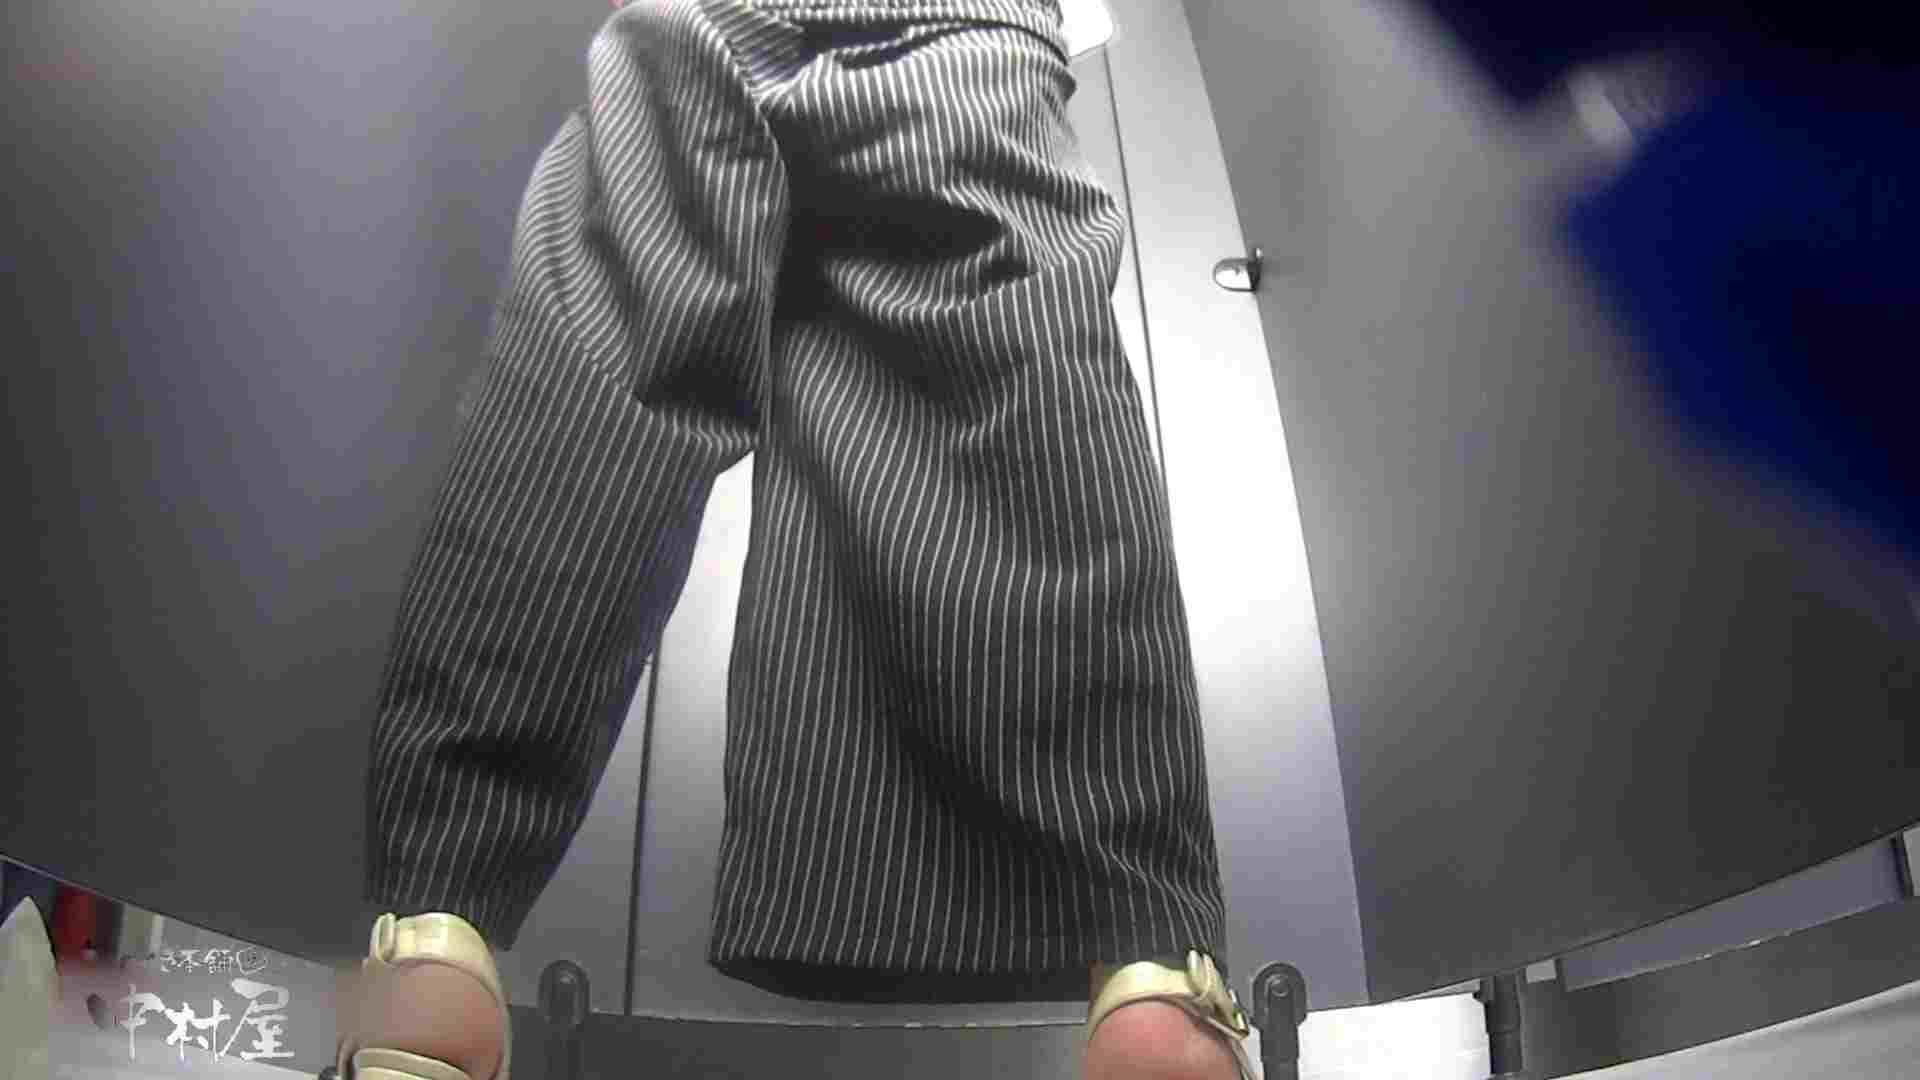 ツンデレお女市さんのトイレ事情 大学休憩時間の洗面所事情32 盗撮シリーズ   お姉さんのエロ動画  110PIX 46